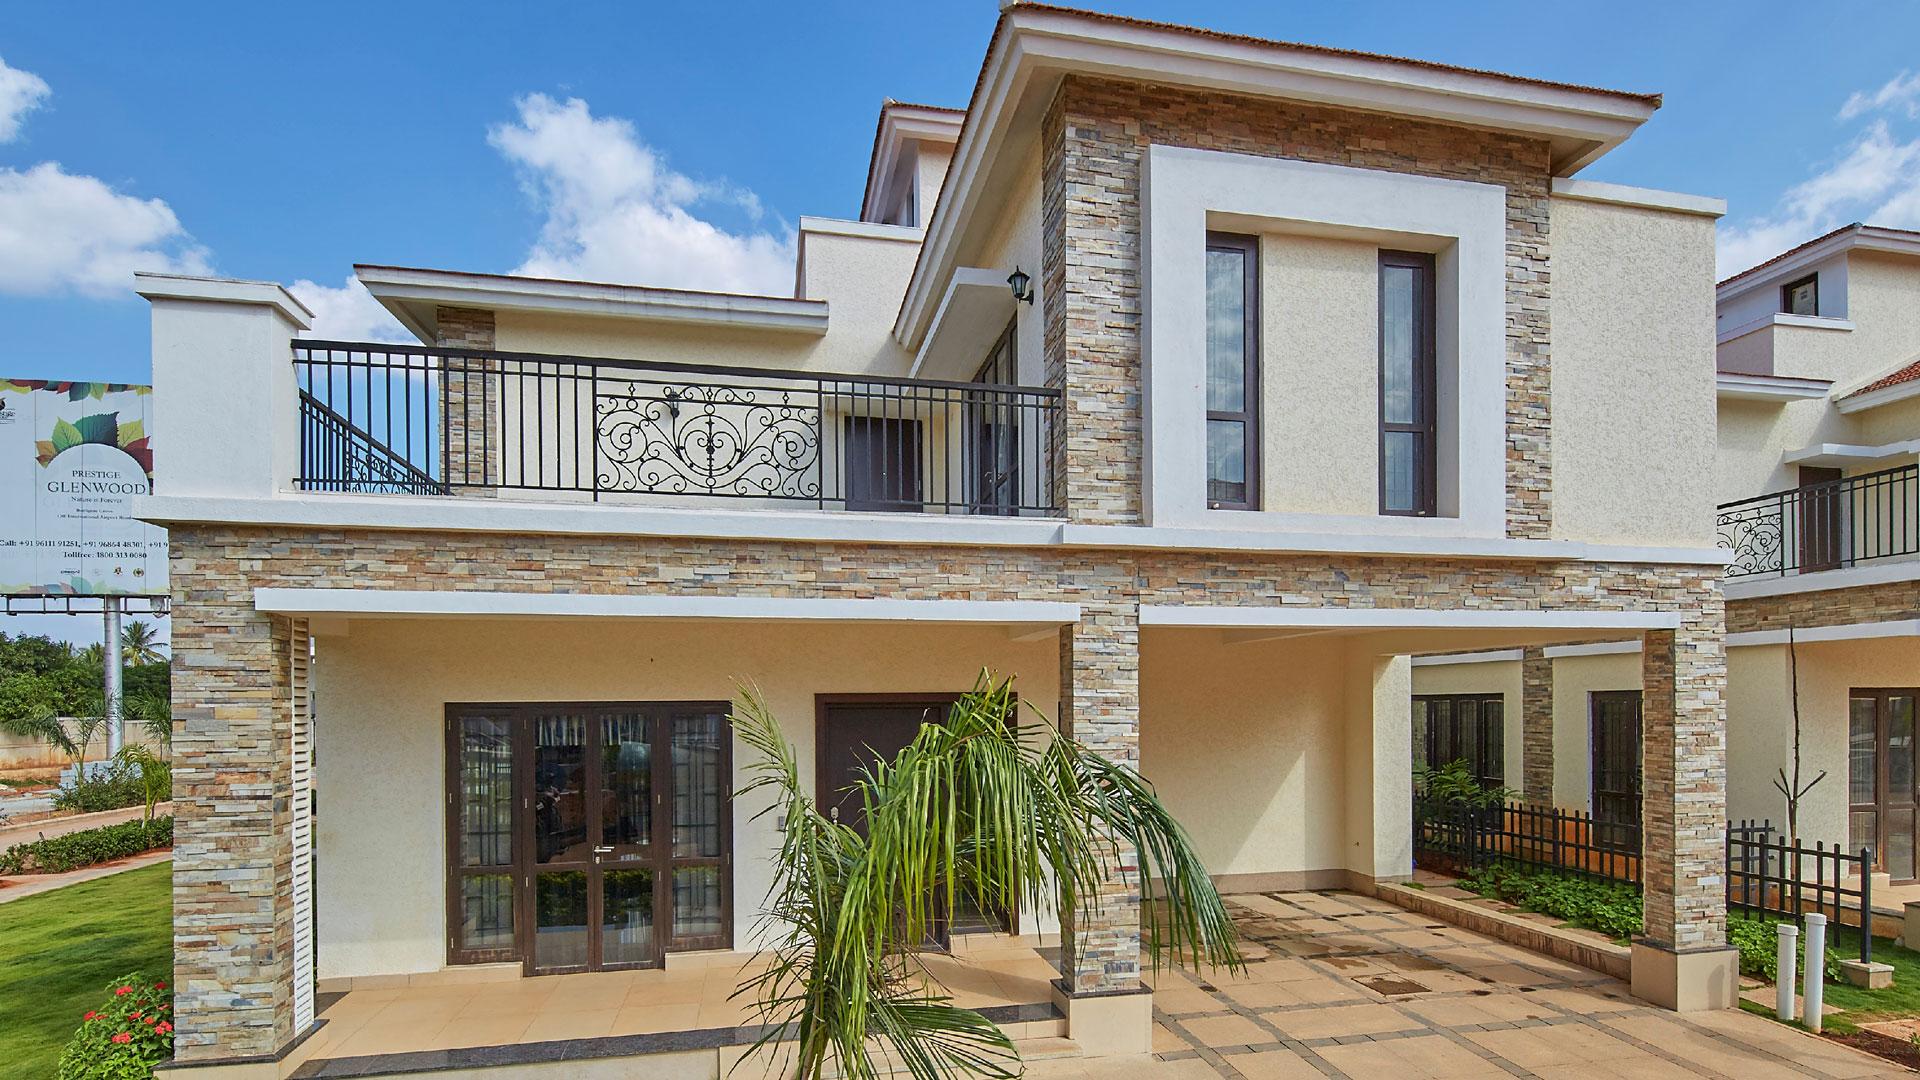 prestige-glenwood-Villas-in-Avalon-Layout-Bangalore-Image-05